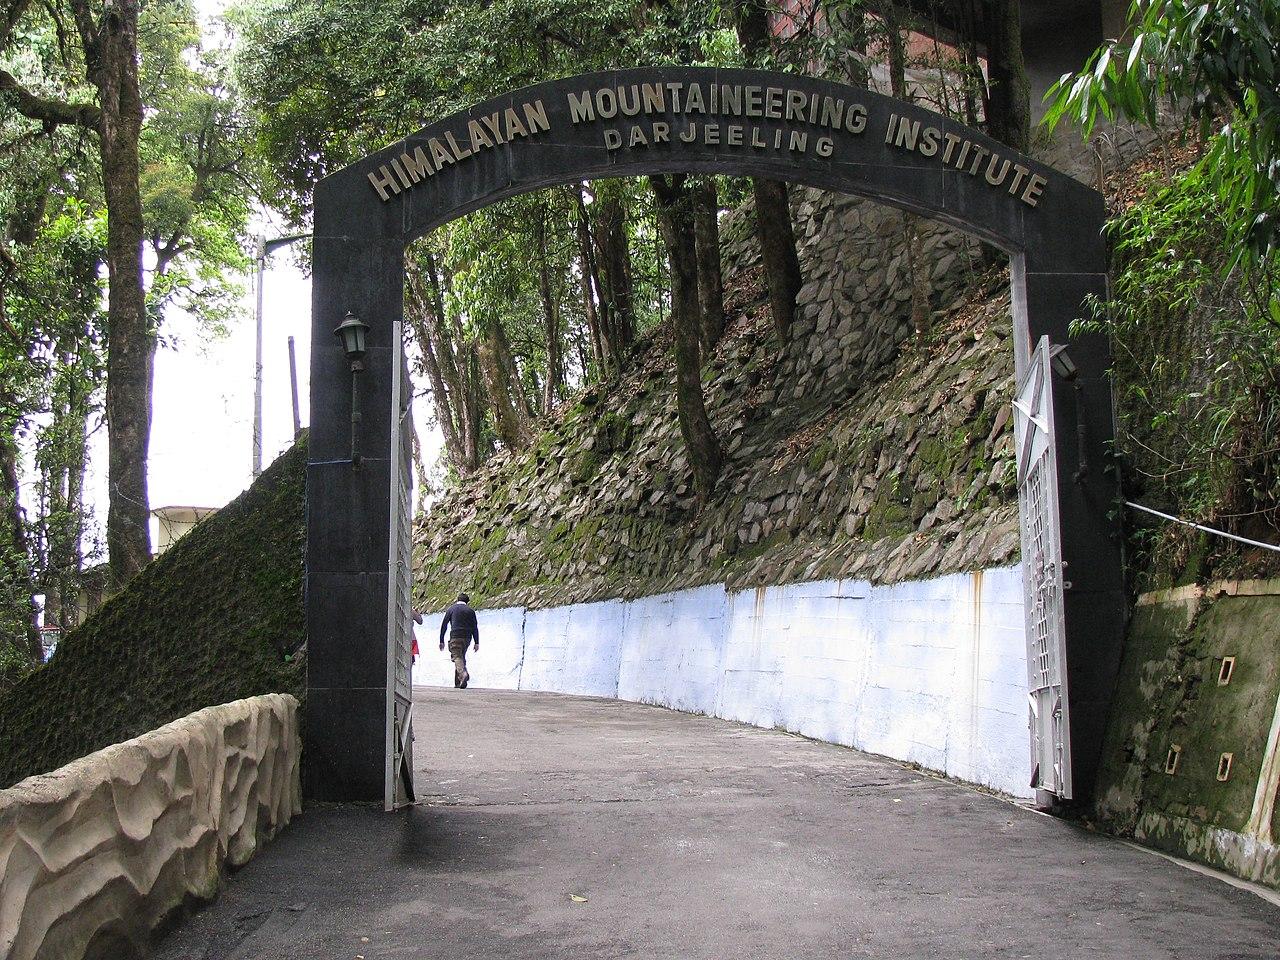 Best Weekend Getaways From Siliguri-Darjeeling, Himalayan Mountaineering Institute